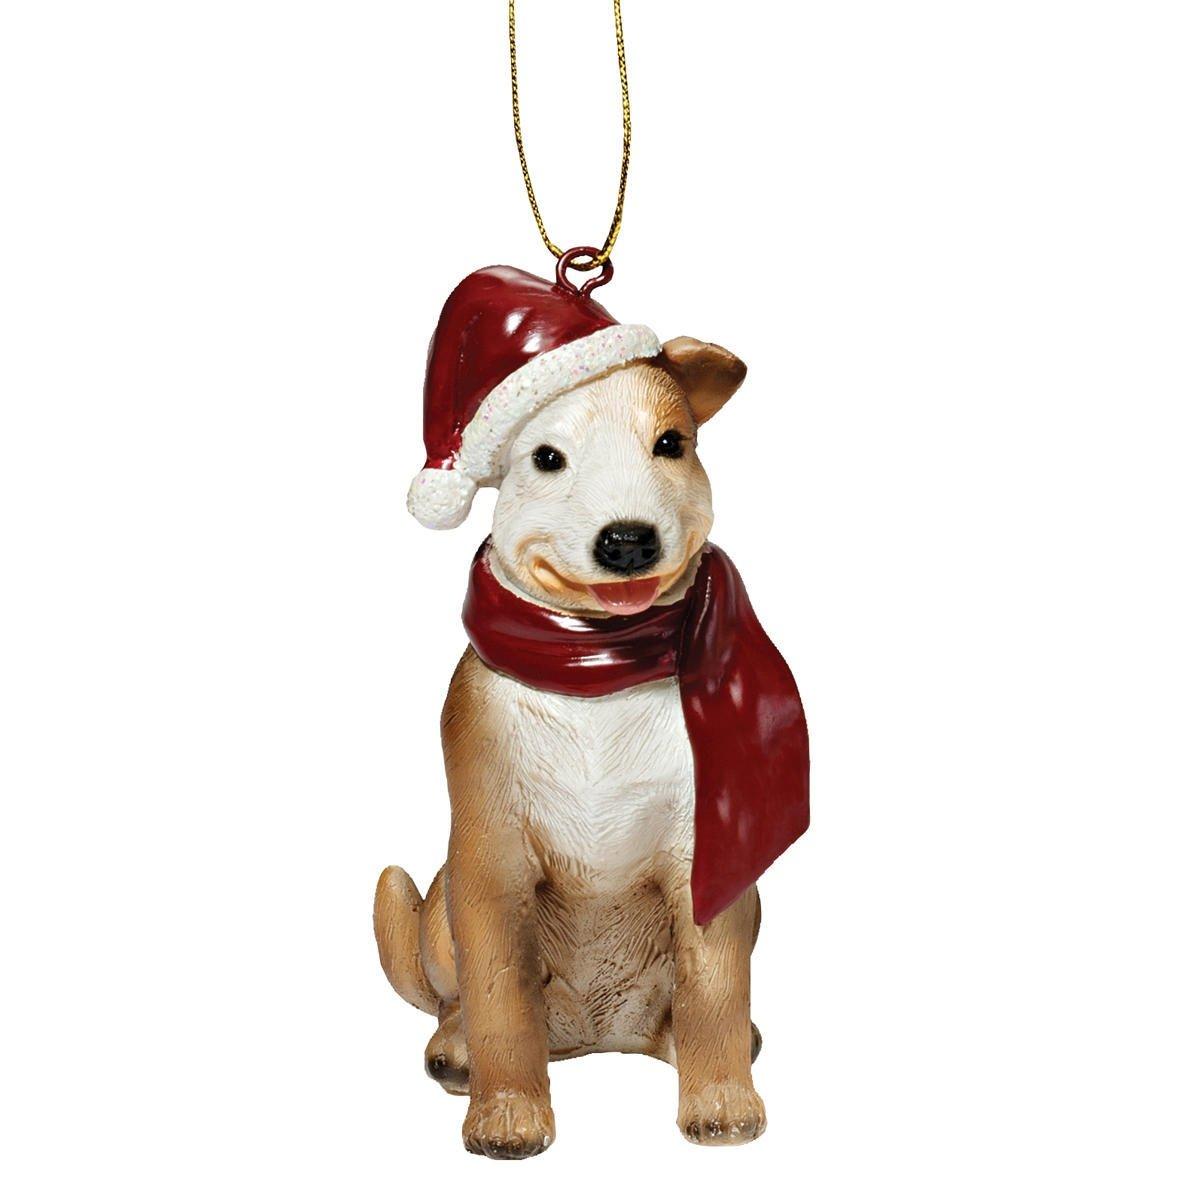 Amazon.com: Christmas Ornaments - Xmas Pitbull Holiday Dog Ornaments ...